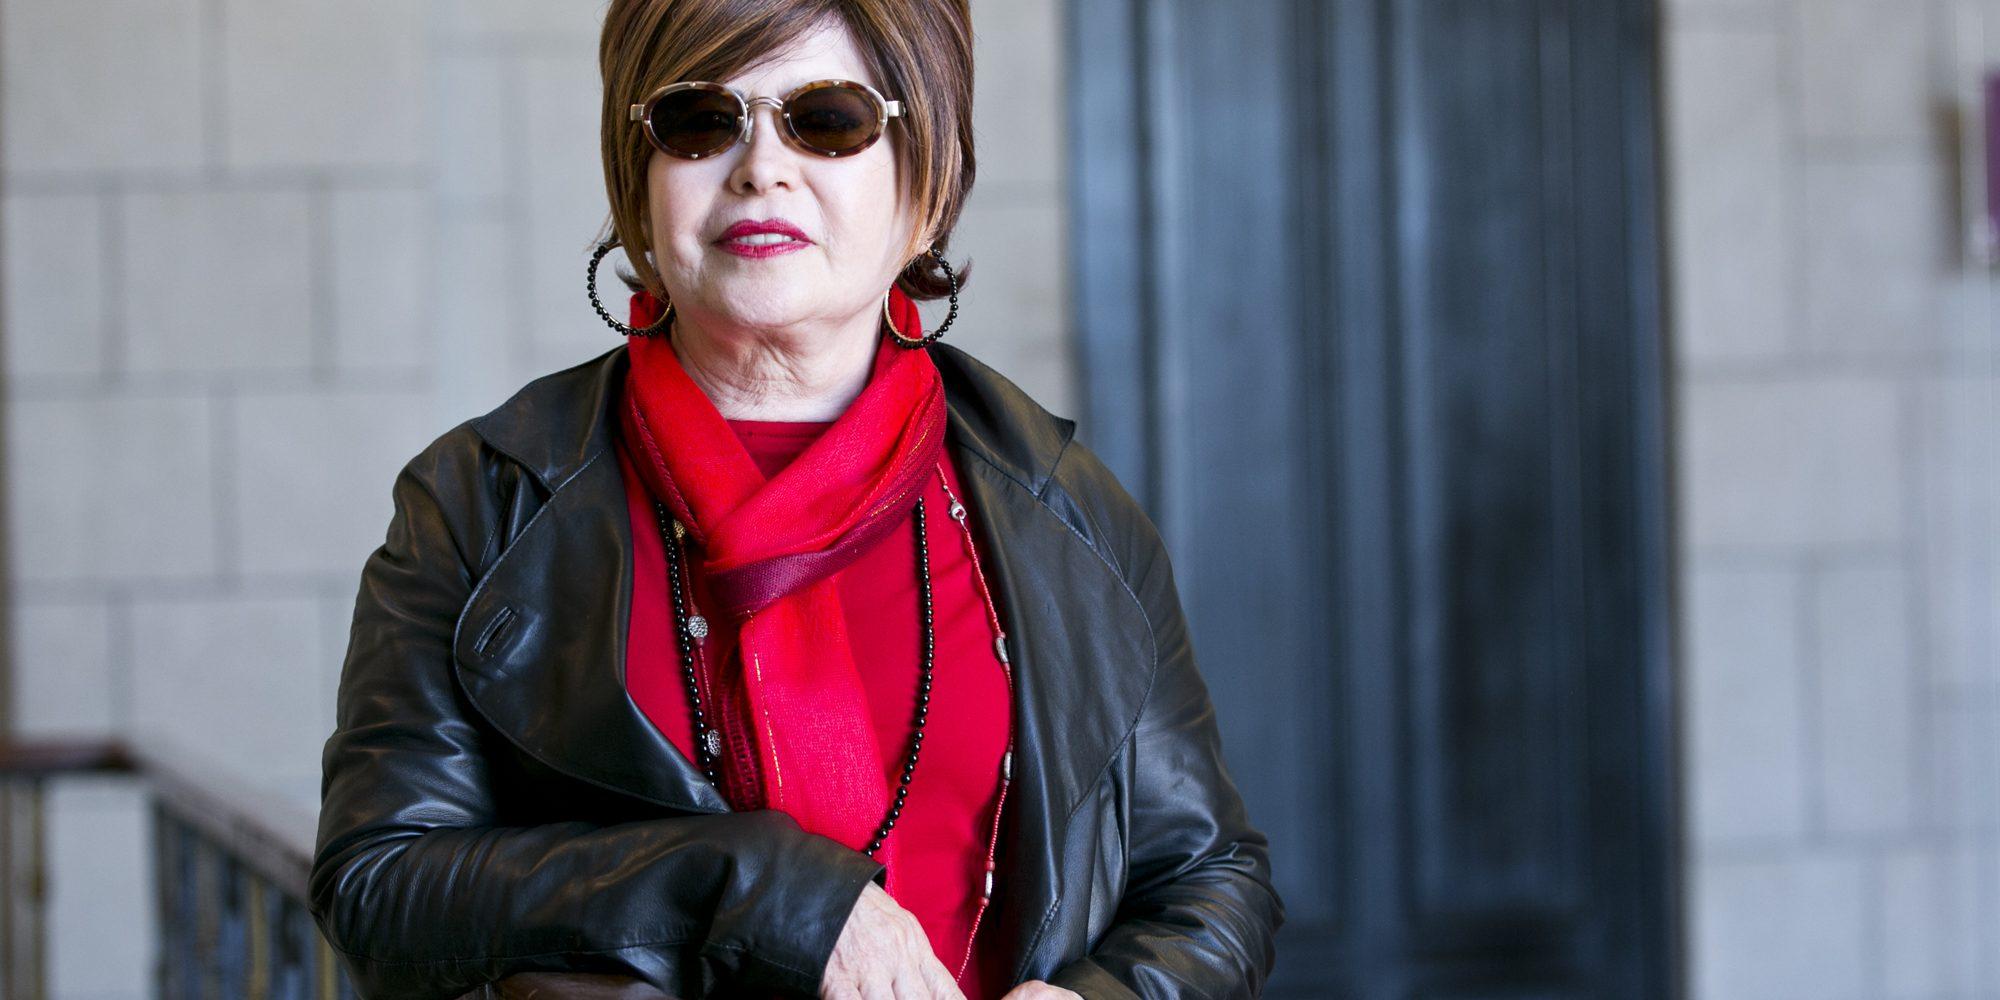 La poesía neomística de Minerva Margarita Villarreal